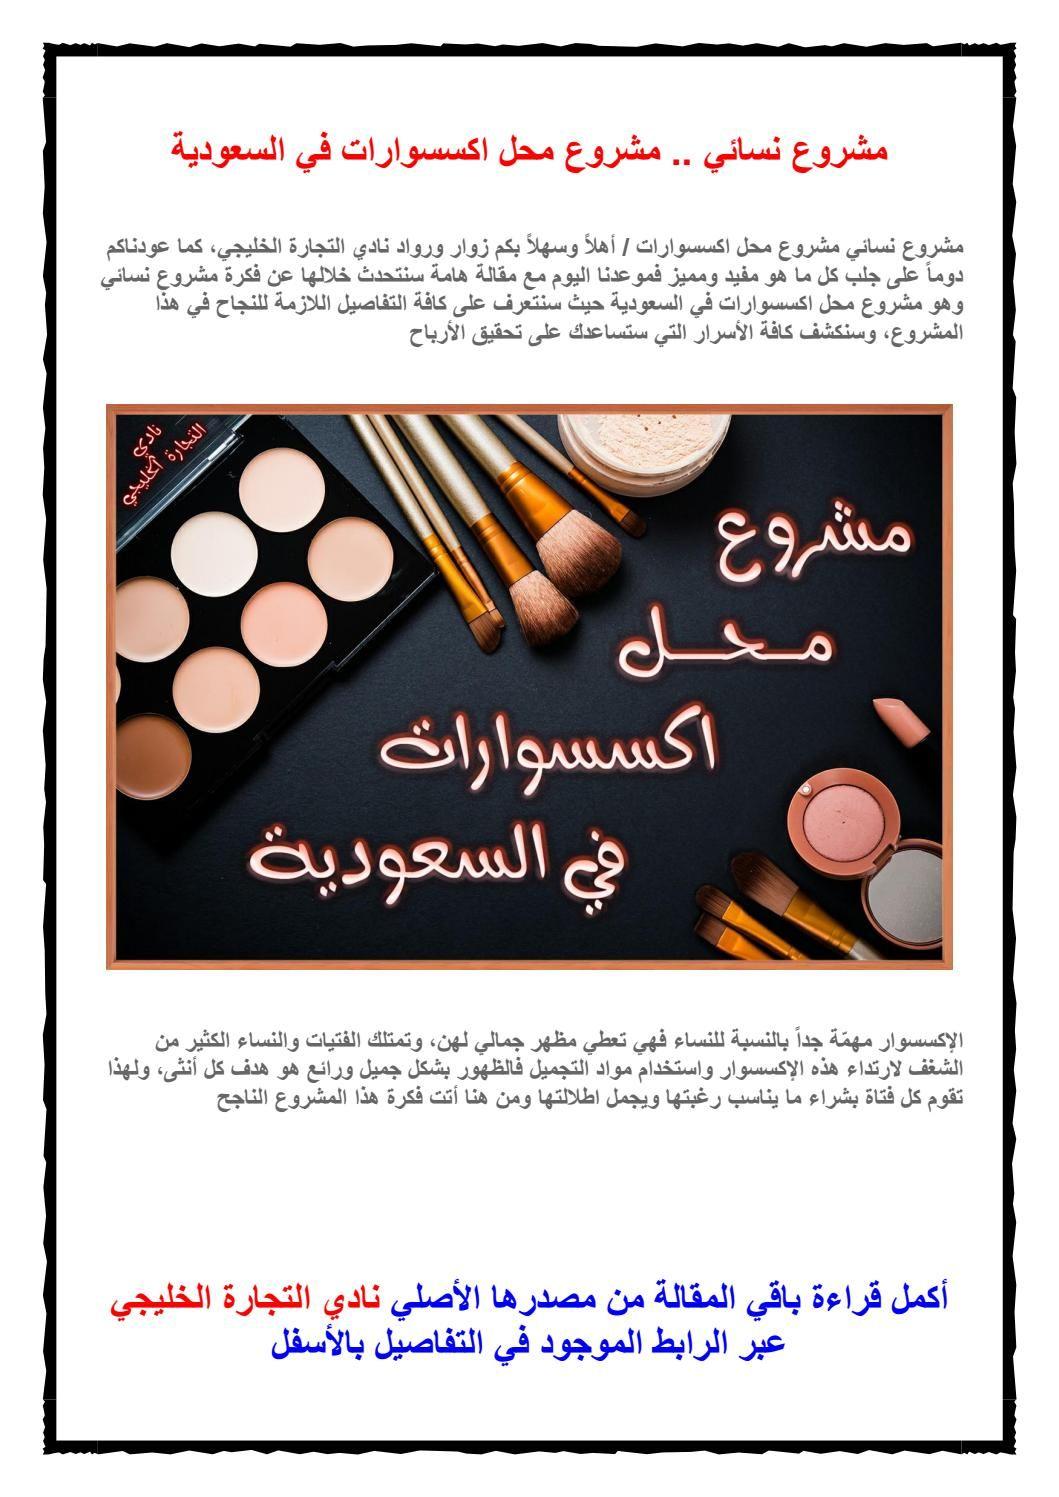 مشروع نسائي مشروع محل اكسسوارات في السعودية Eyeshadow Beauty Microsoft